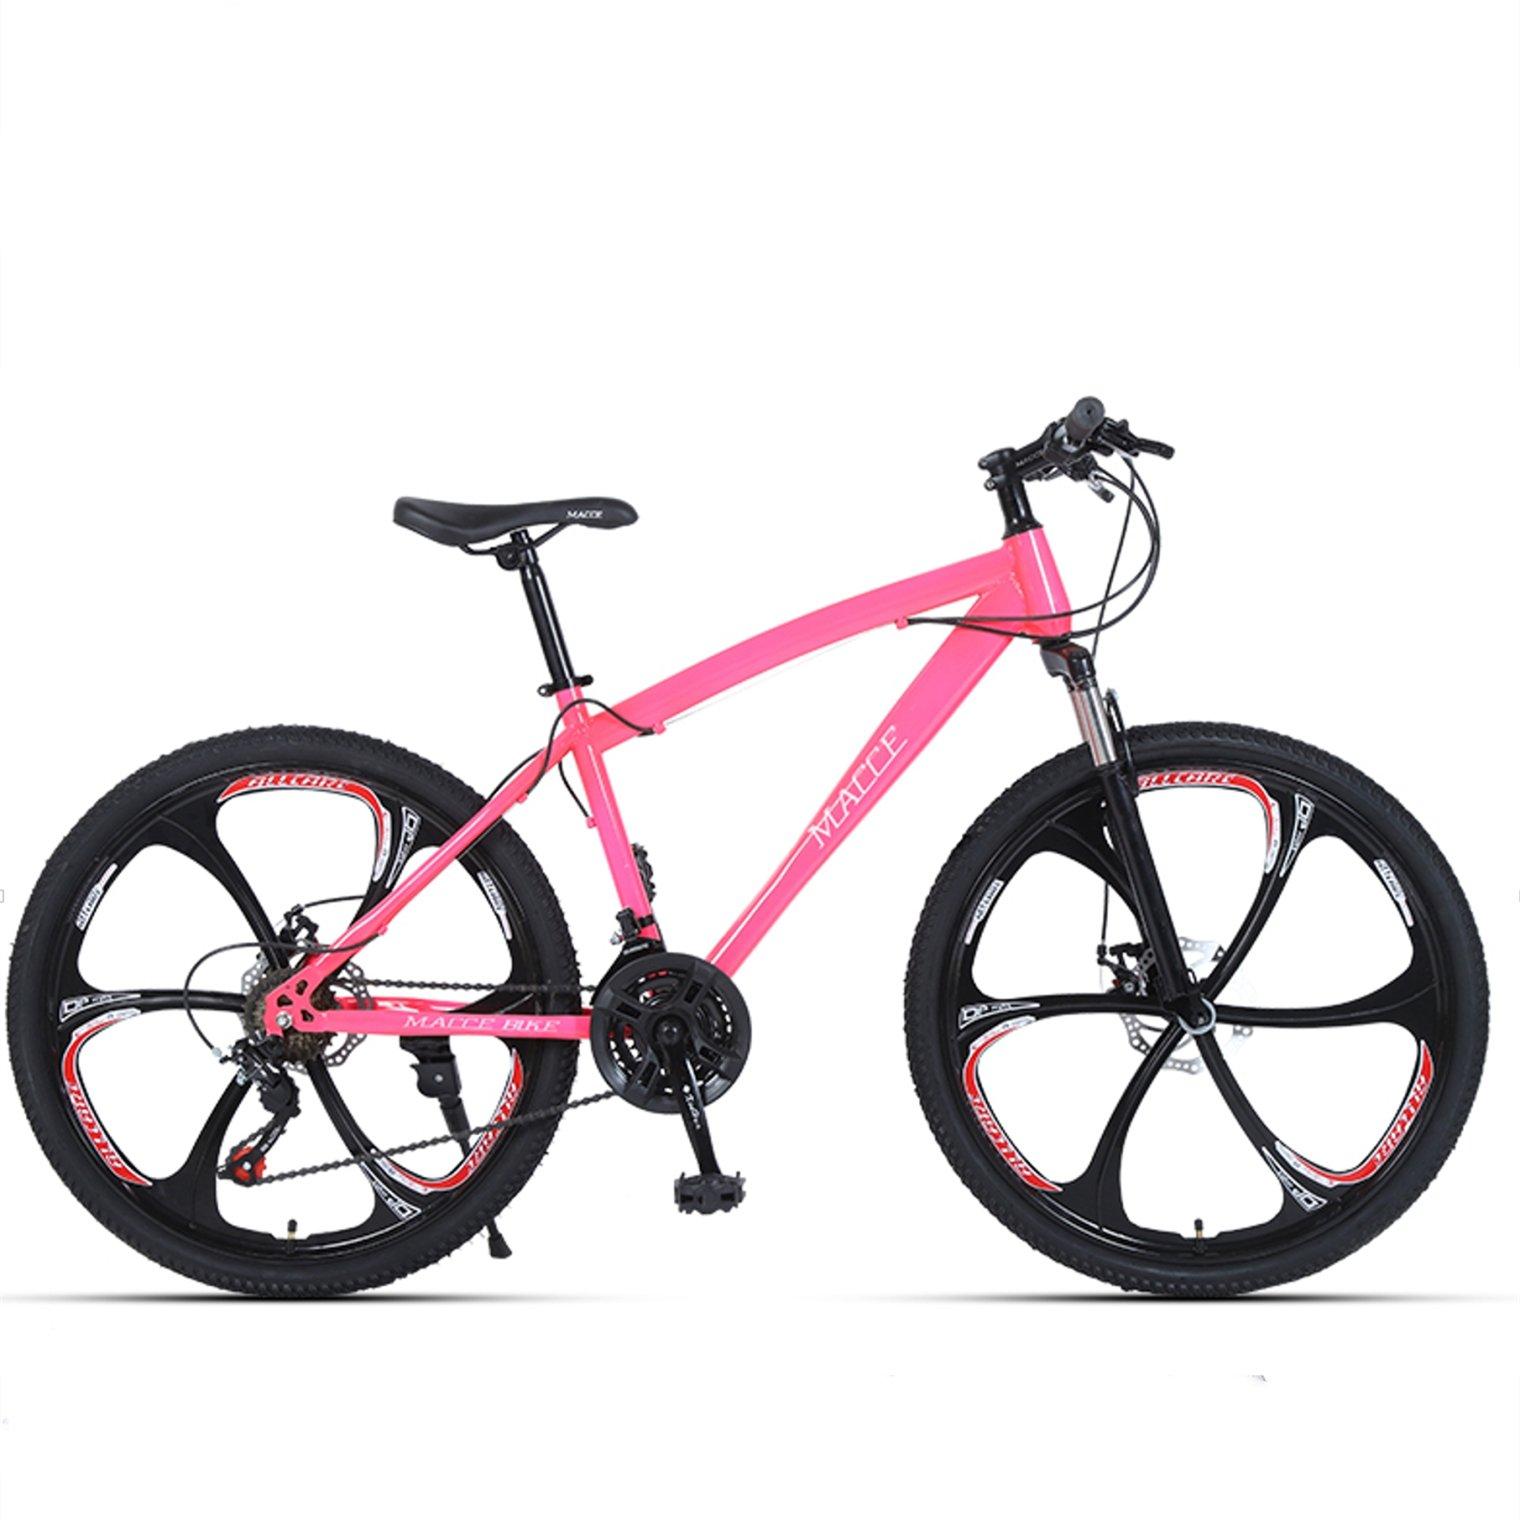 24-inch, 26-inch forest wolf pink 6 cutter wheels mountain bike 21-speed, 24-speed, 27-speed